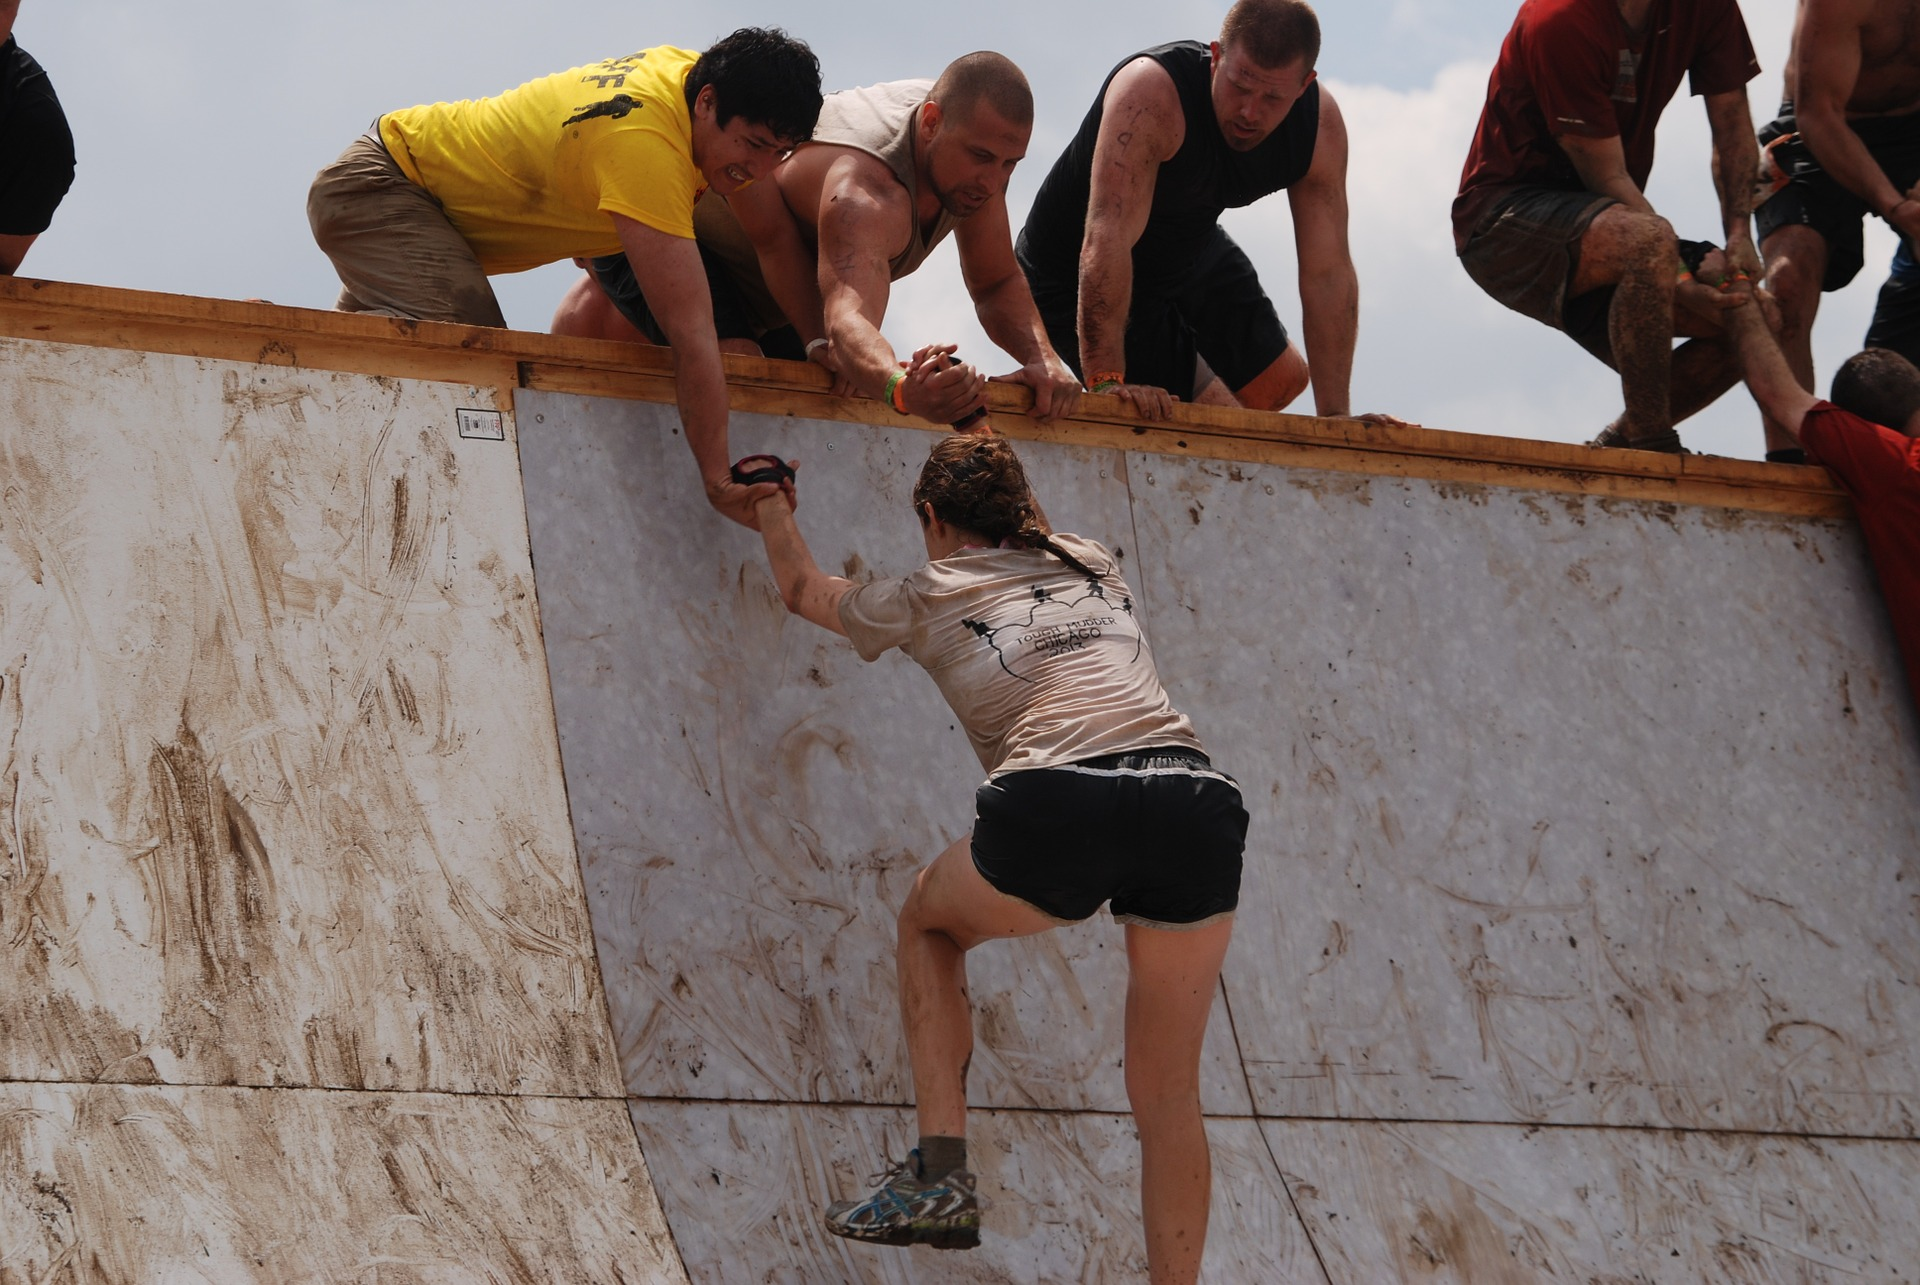 仲間に助けられて、壁を登る女性